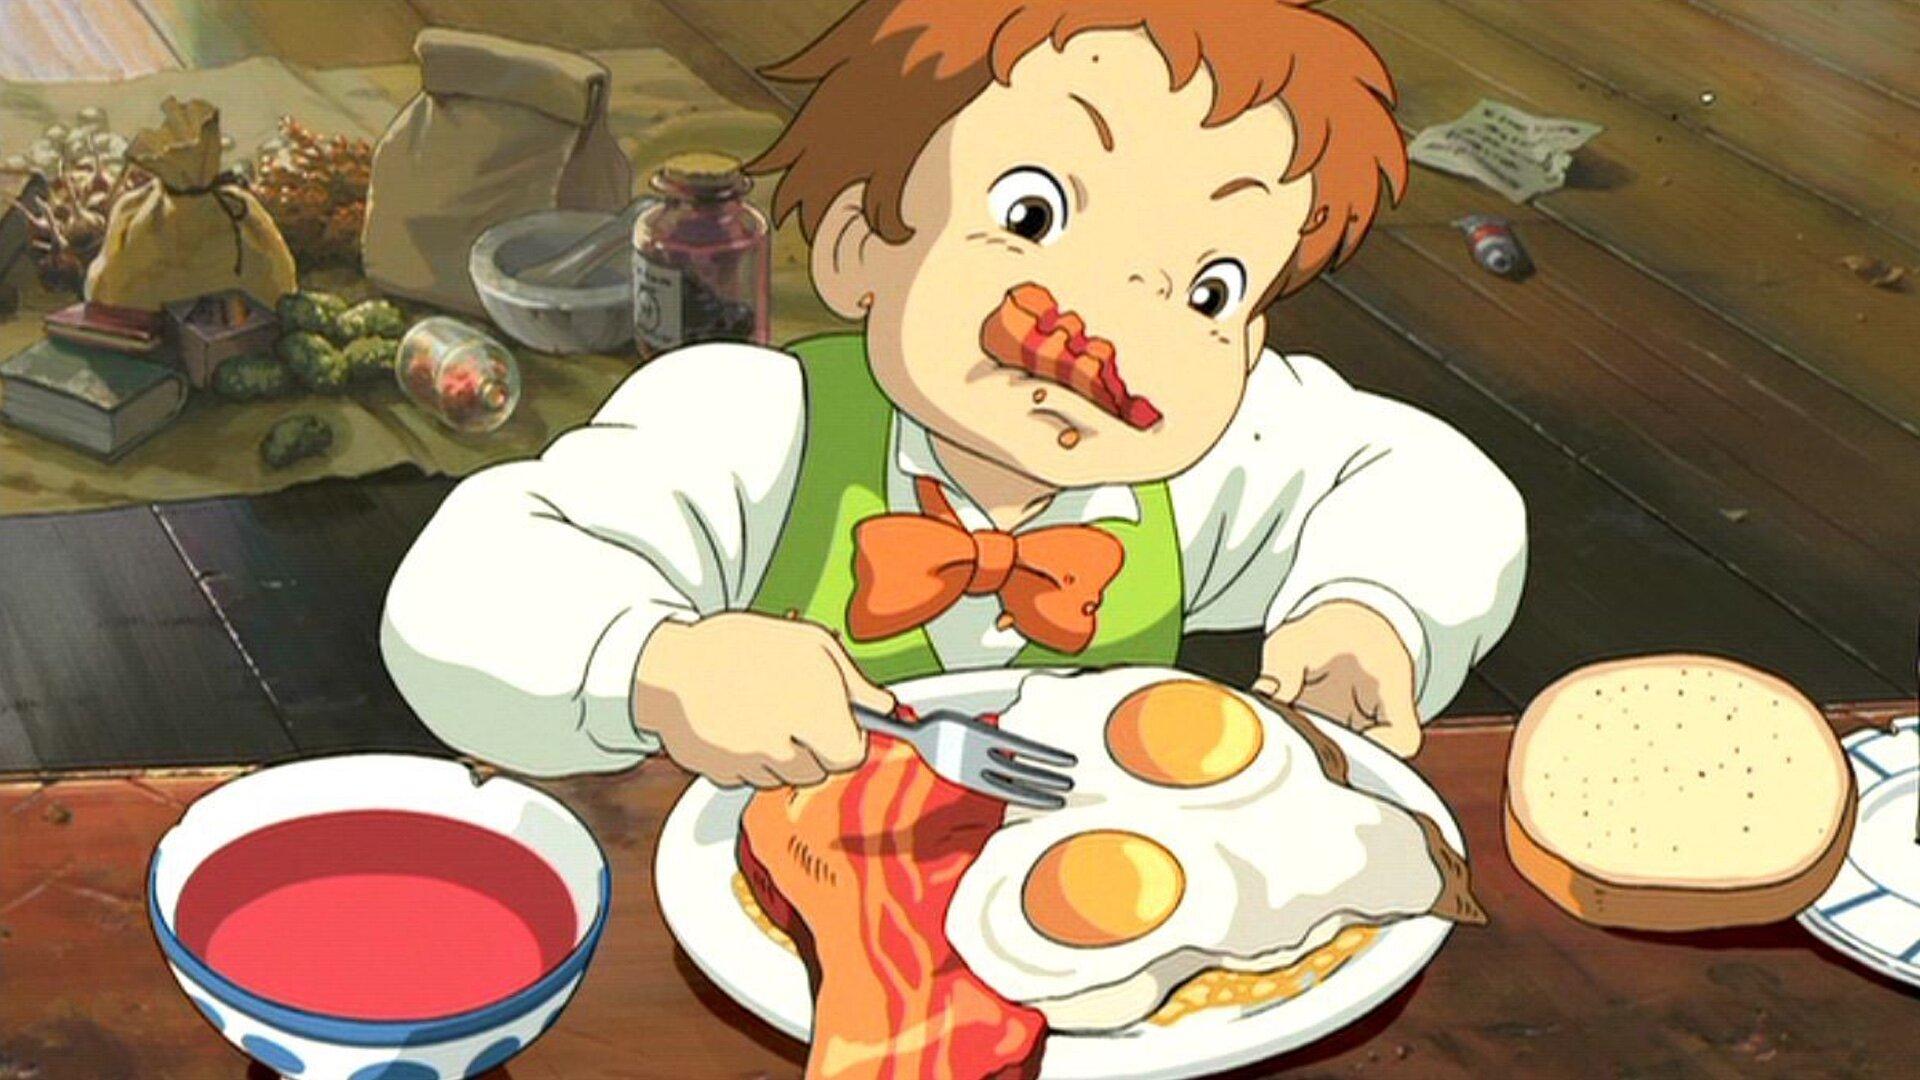 Guida al magico mondo gastronomico dello Studio Ghibli